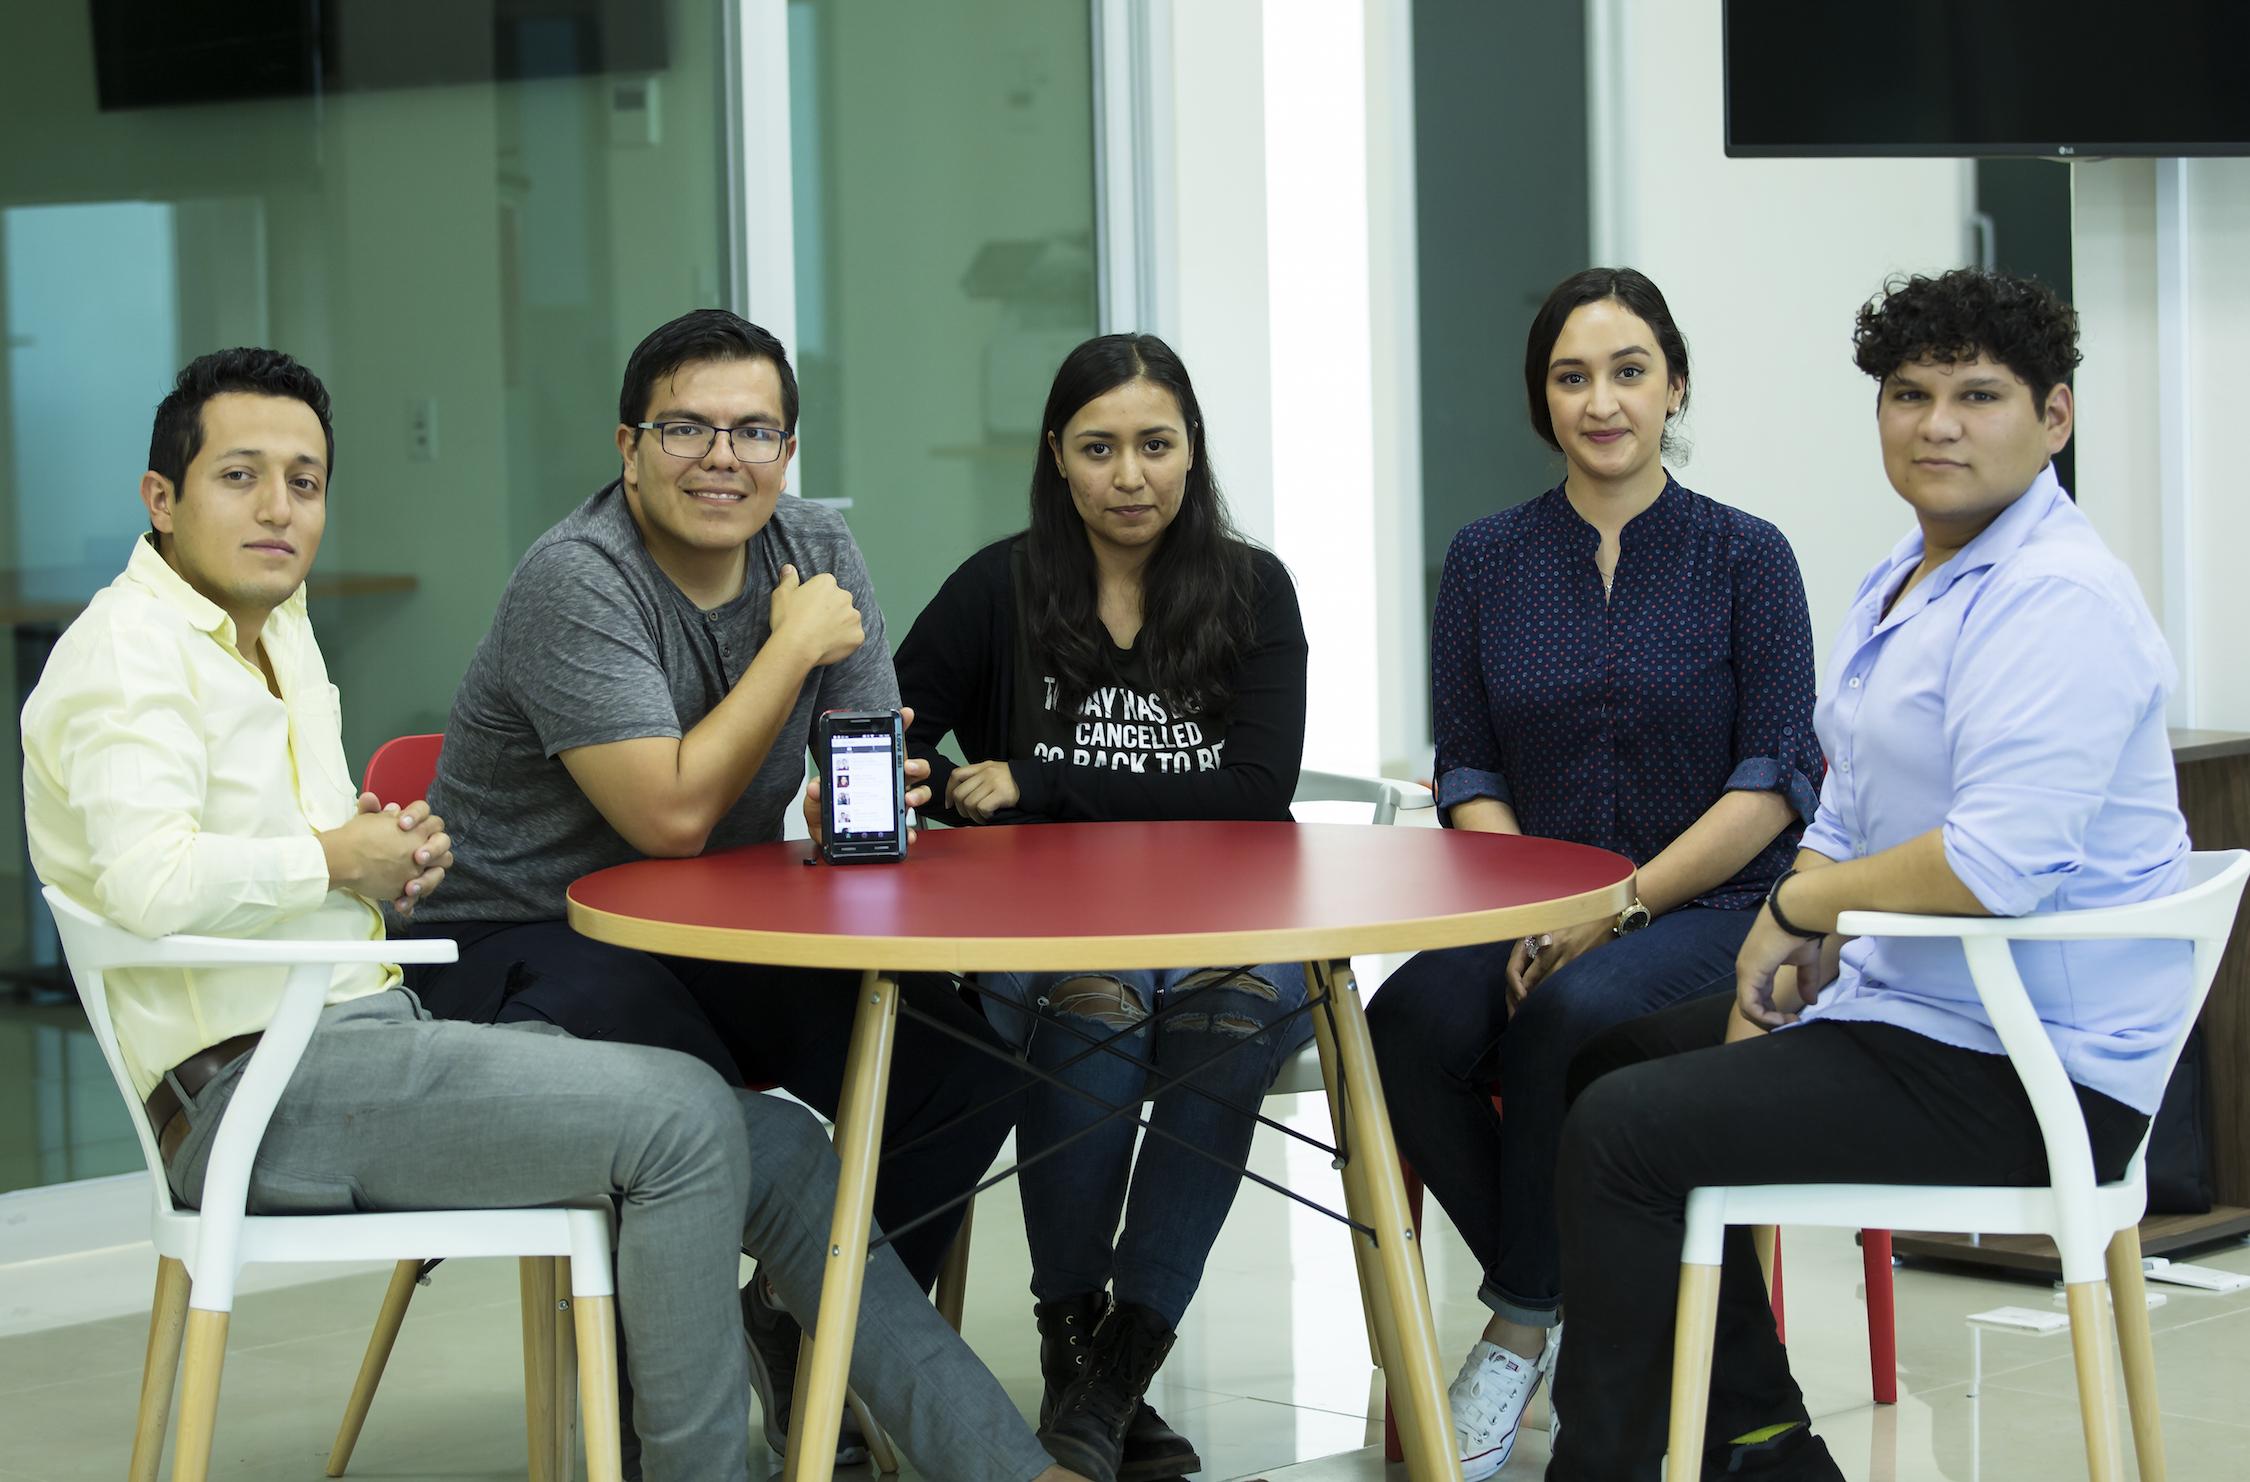 Estudiantes del CUValles estudiarán en el MIT de Boston, Massachusetts